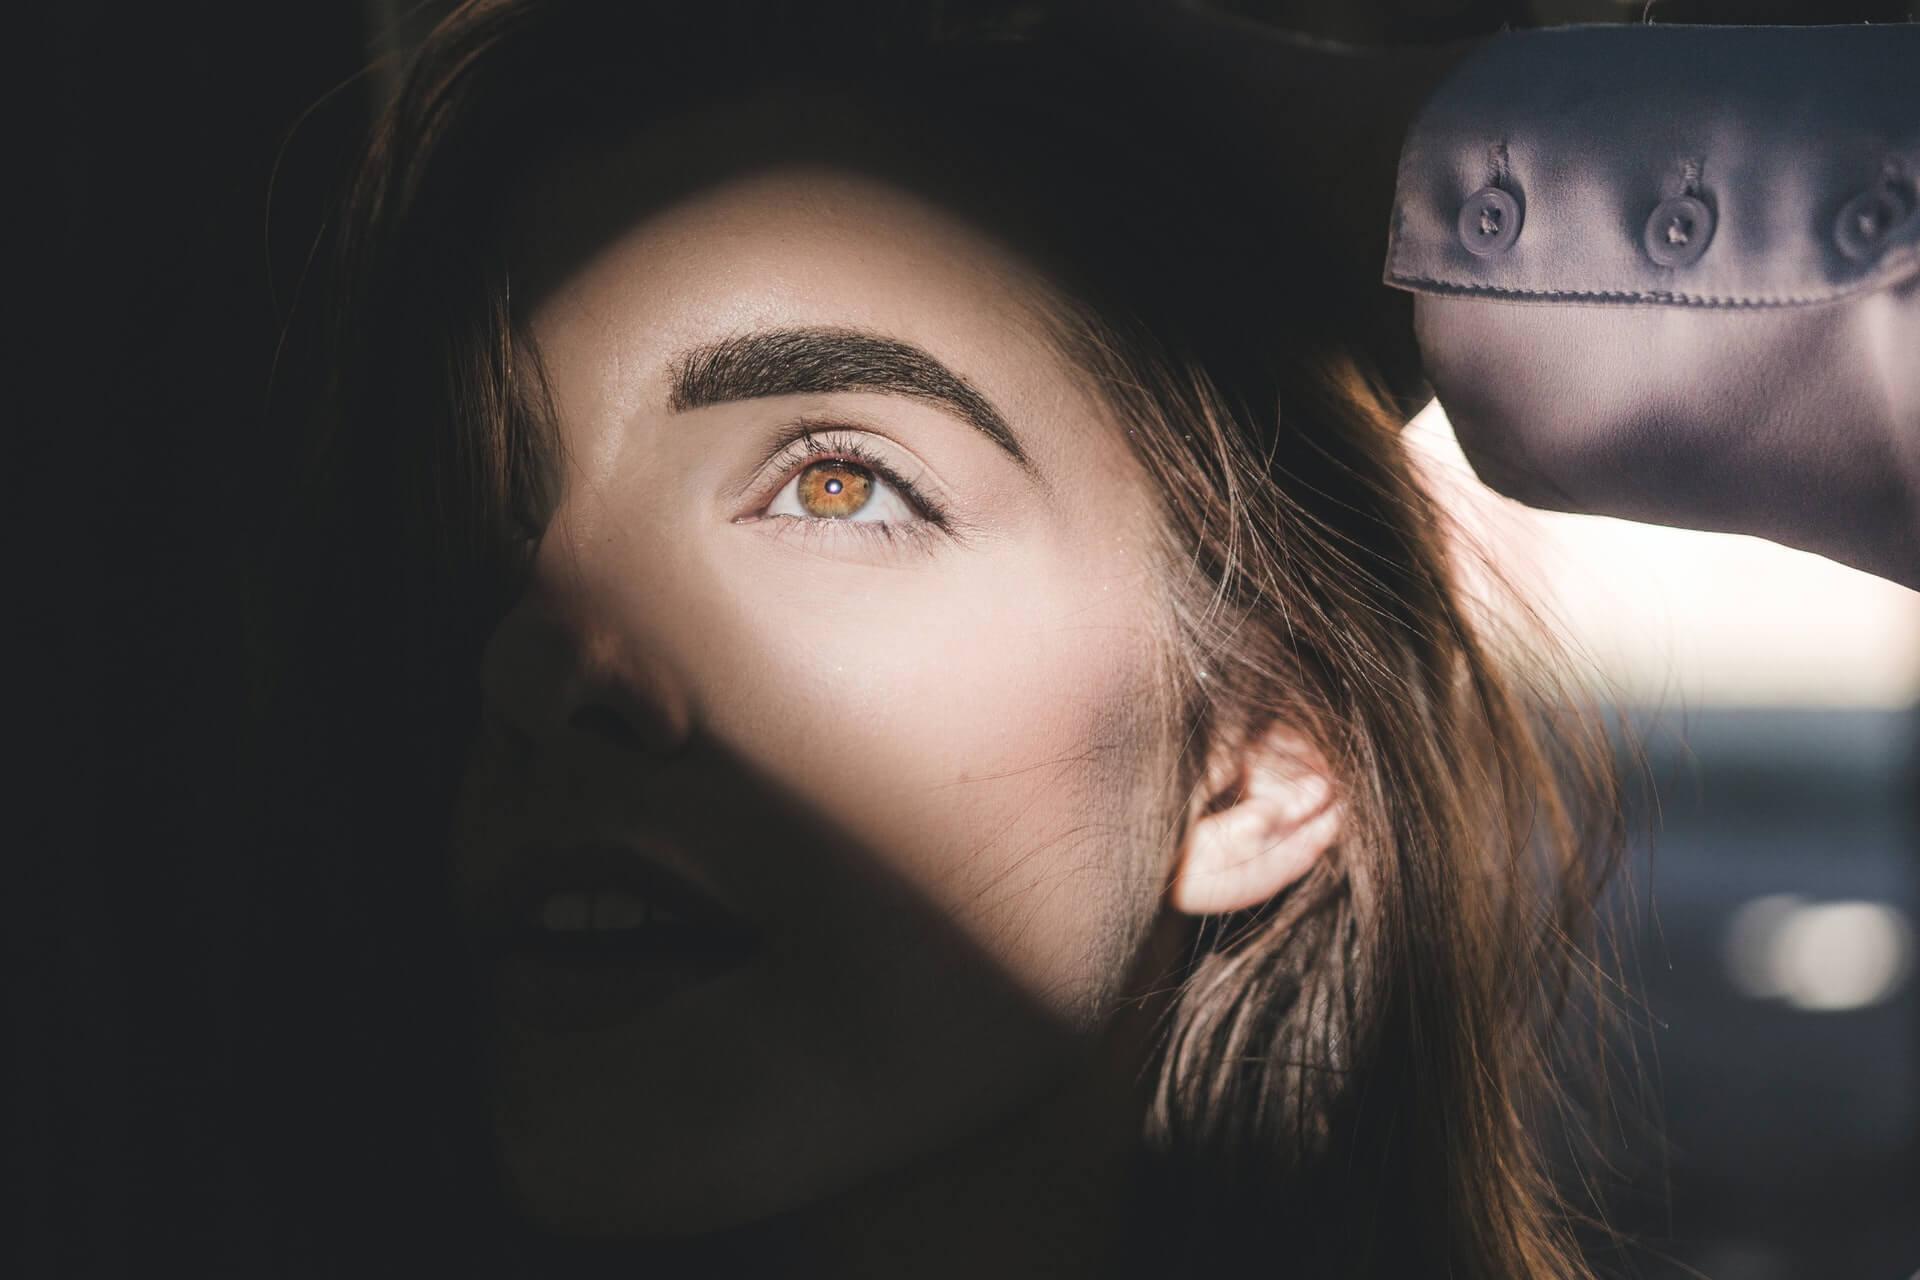 Eyebrow Model